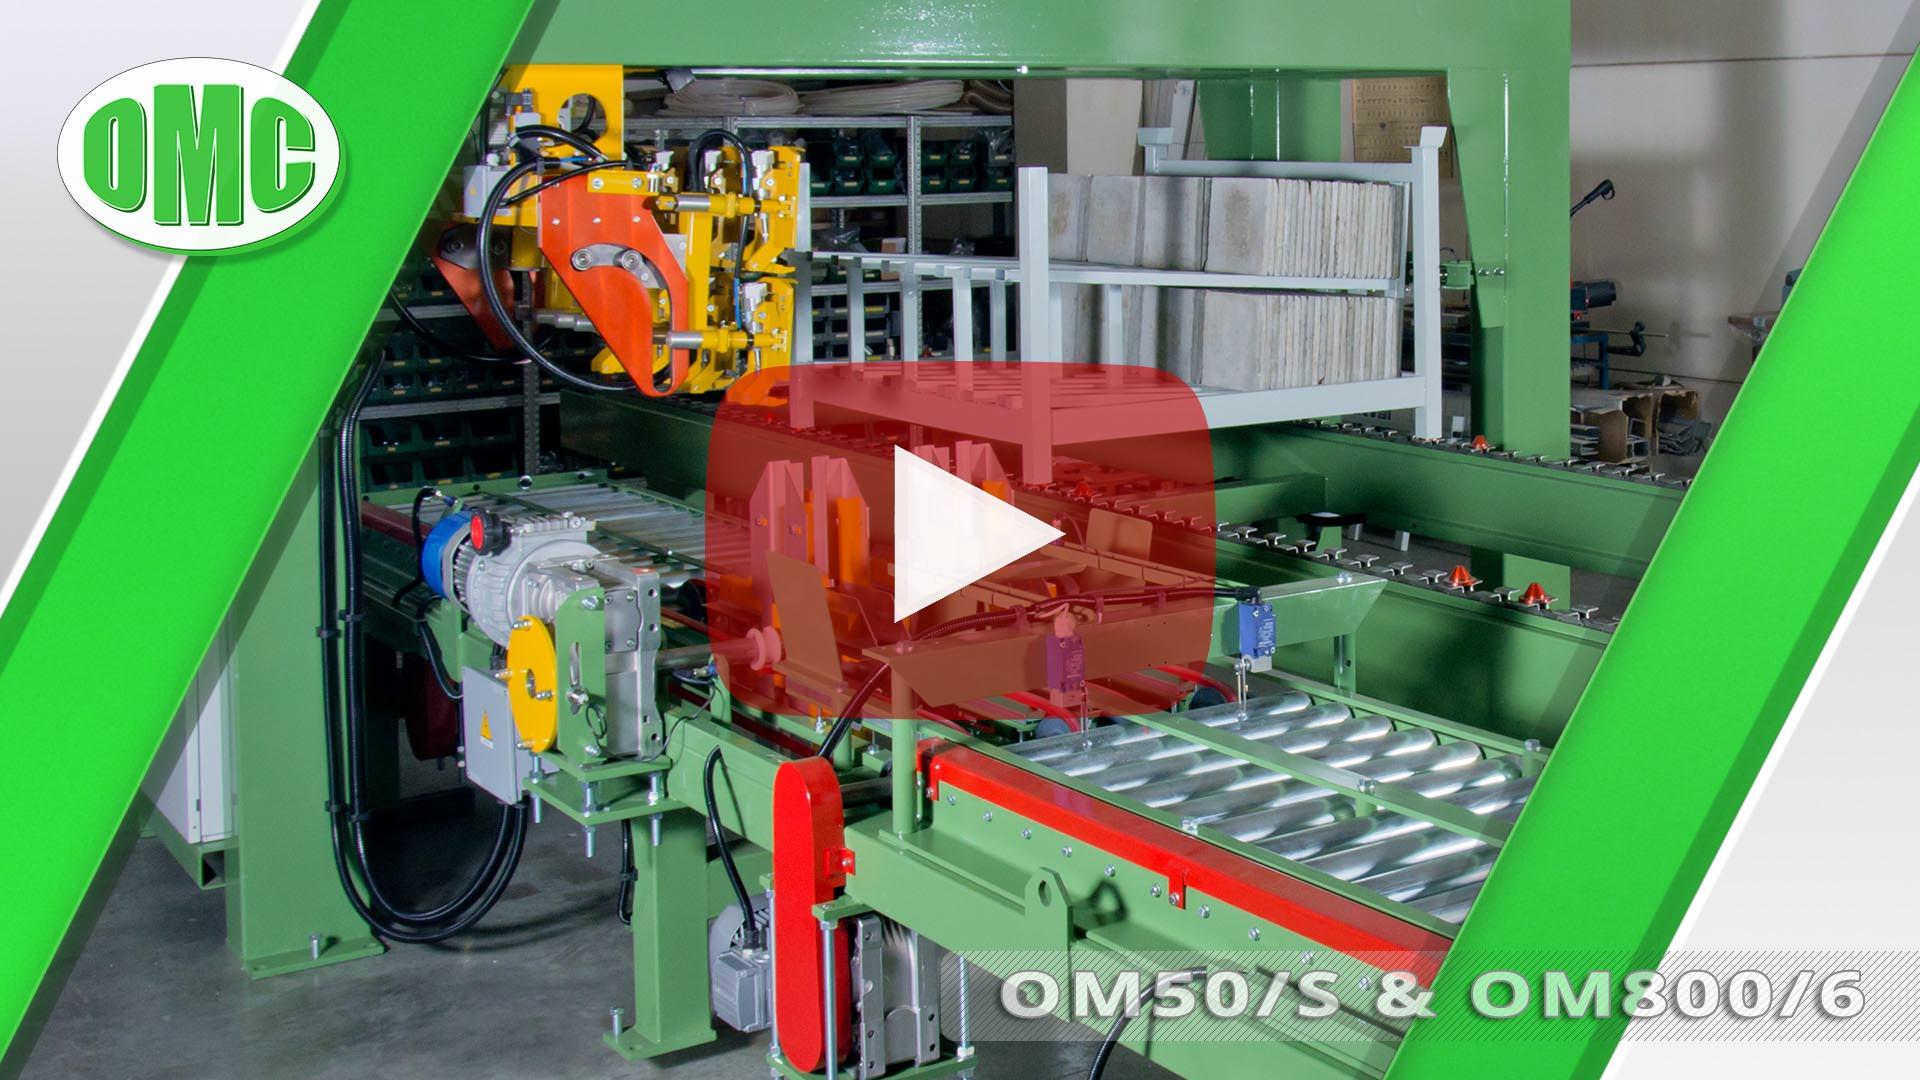 Linea Di Levigatura Automatica con Mod. OM50/S e OM800/6 (33x33x4)